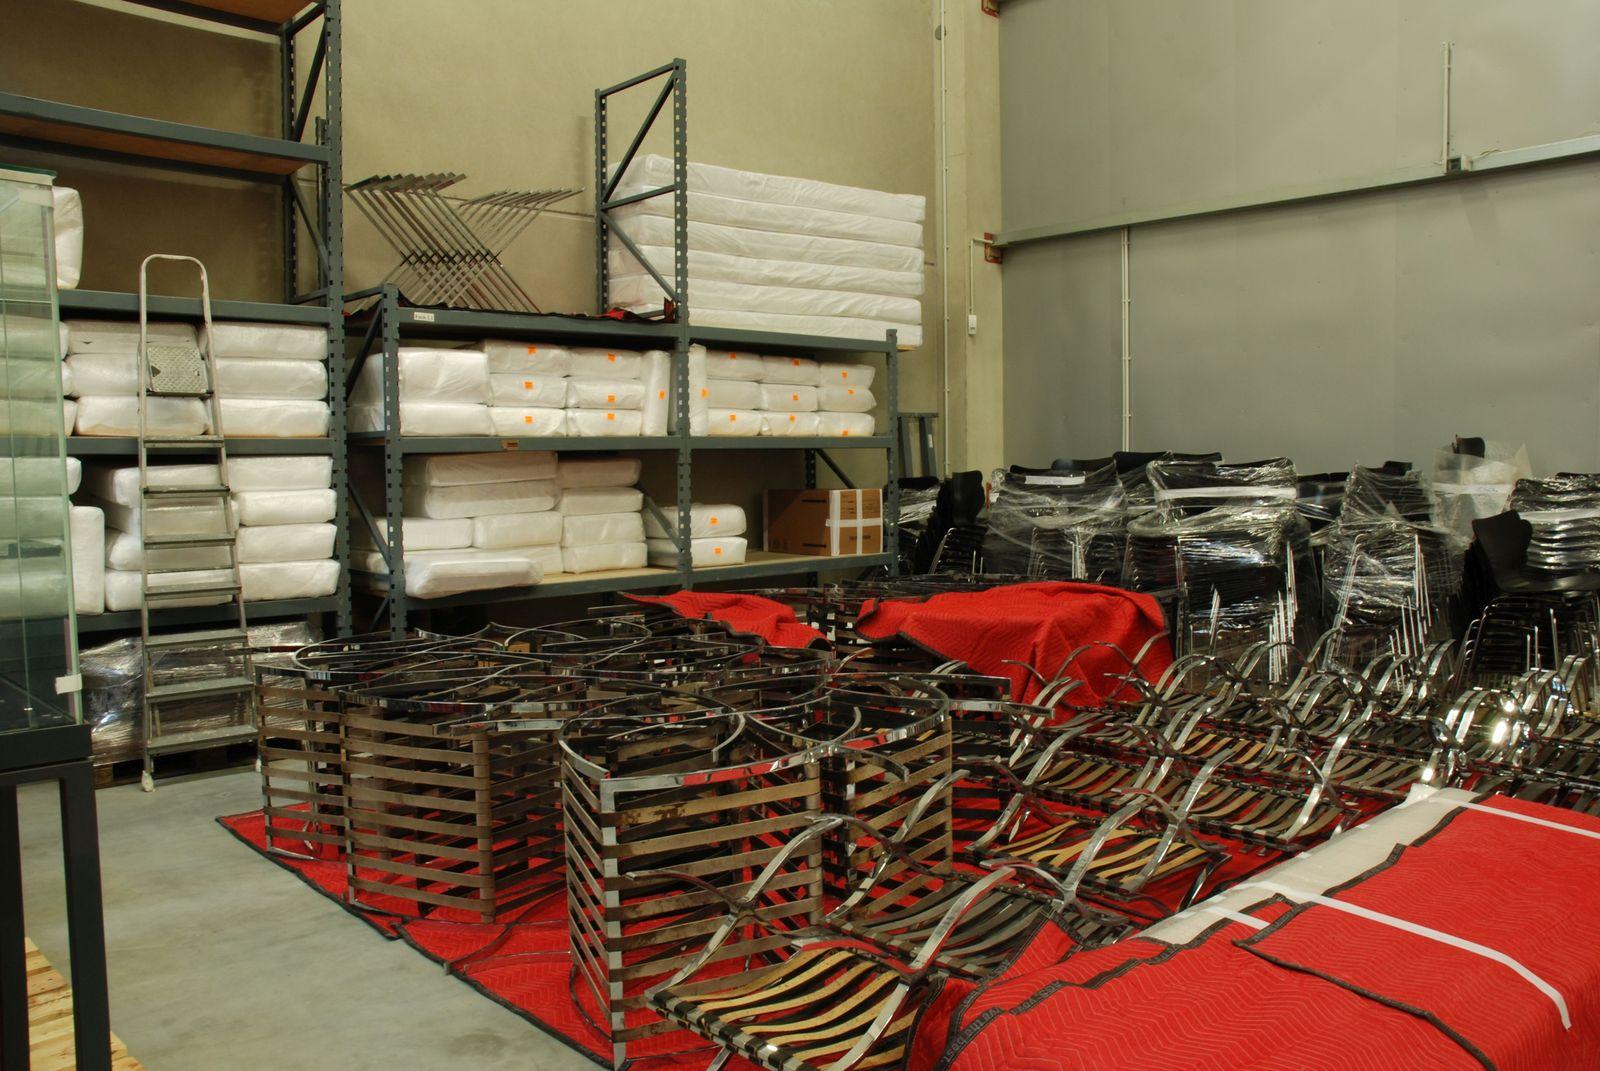 """Mietdepot für die Möbel, unter anderem die berühmten """"Barcelona Chairs"""" von Mies van der Rohe. © Bundesamt für Bauwesen und Raumordnung / Cornelia Rüth"""